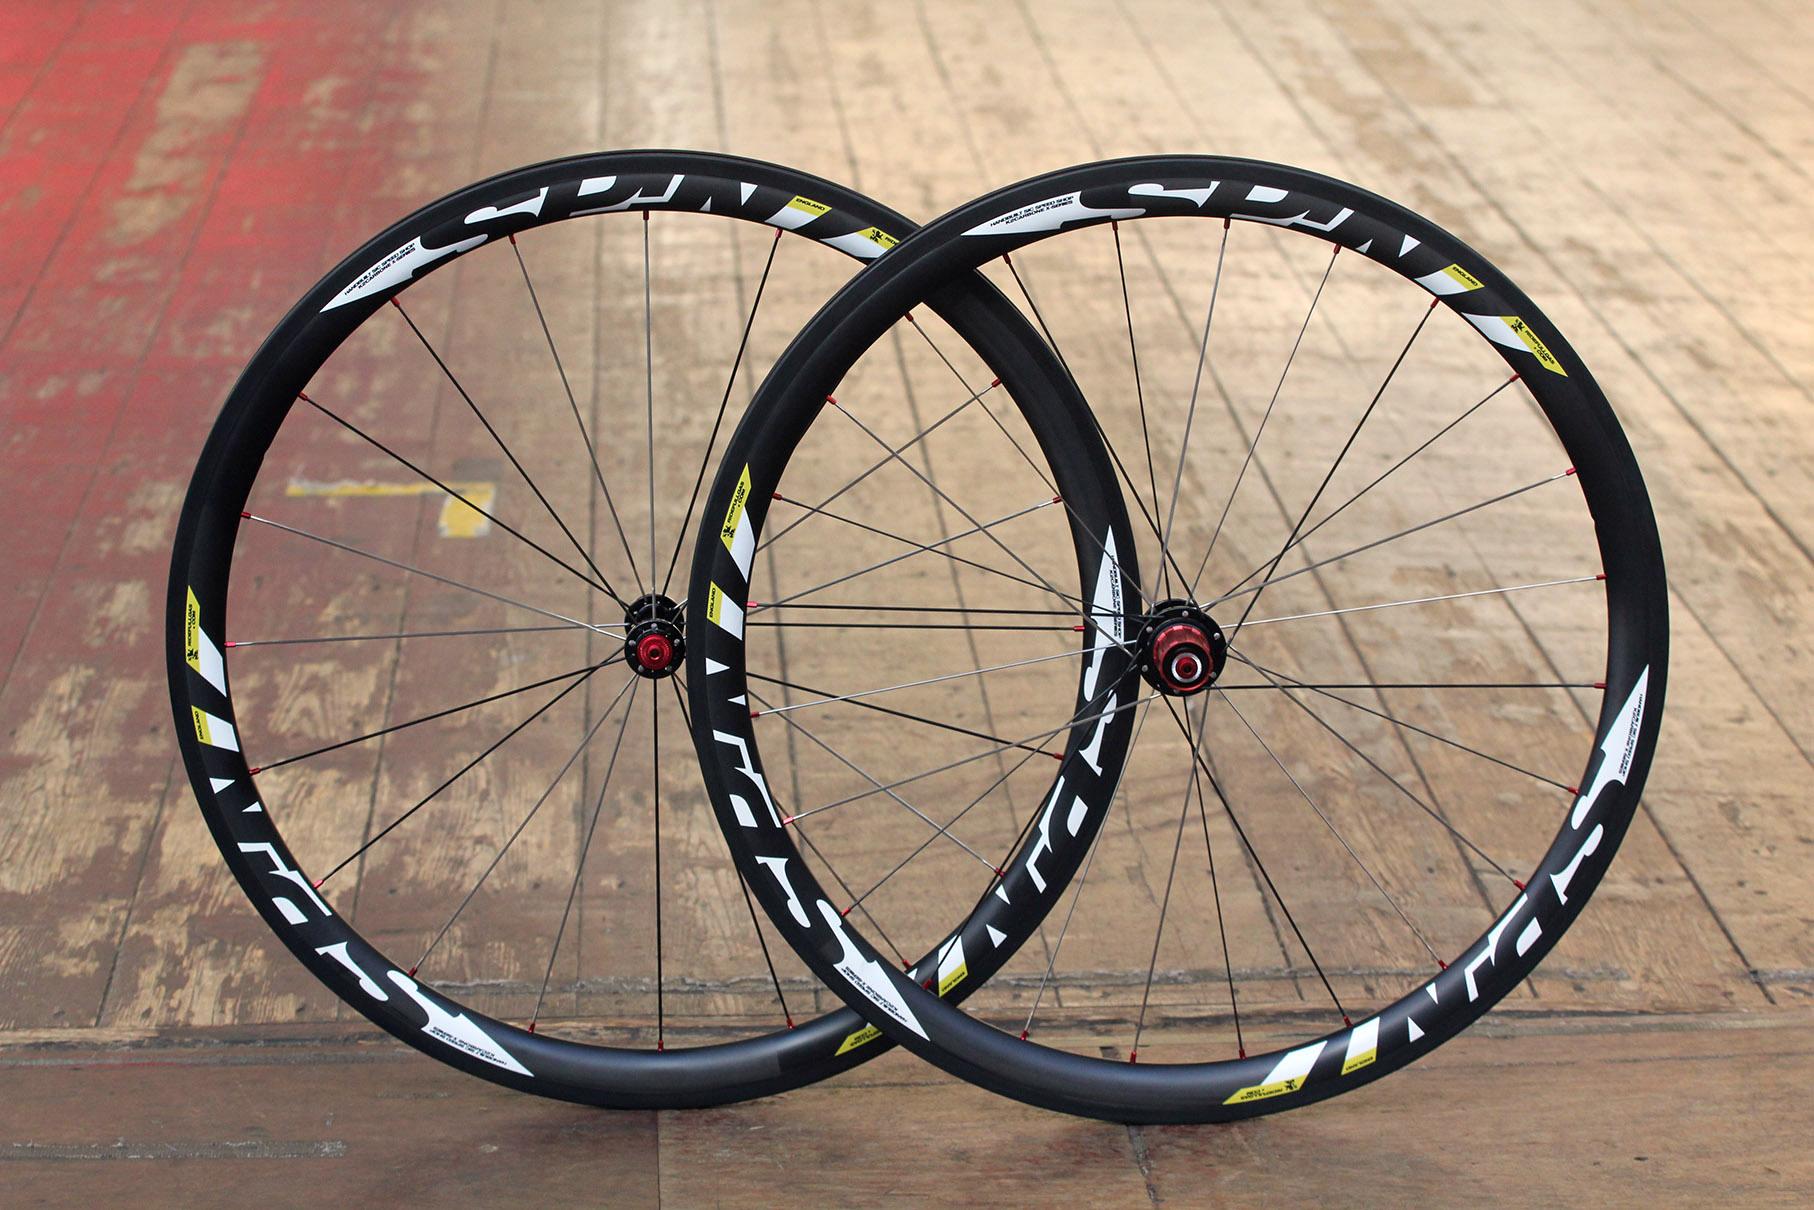 9 Spin K2 Carbone Xlr38 25mm Fat Boy Clincher Wheels 990 00